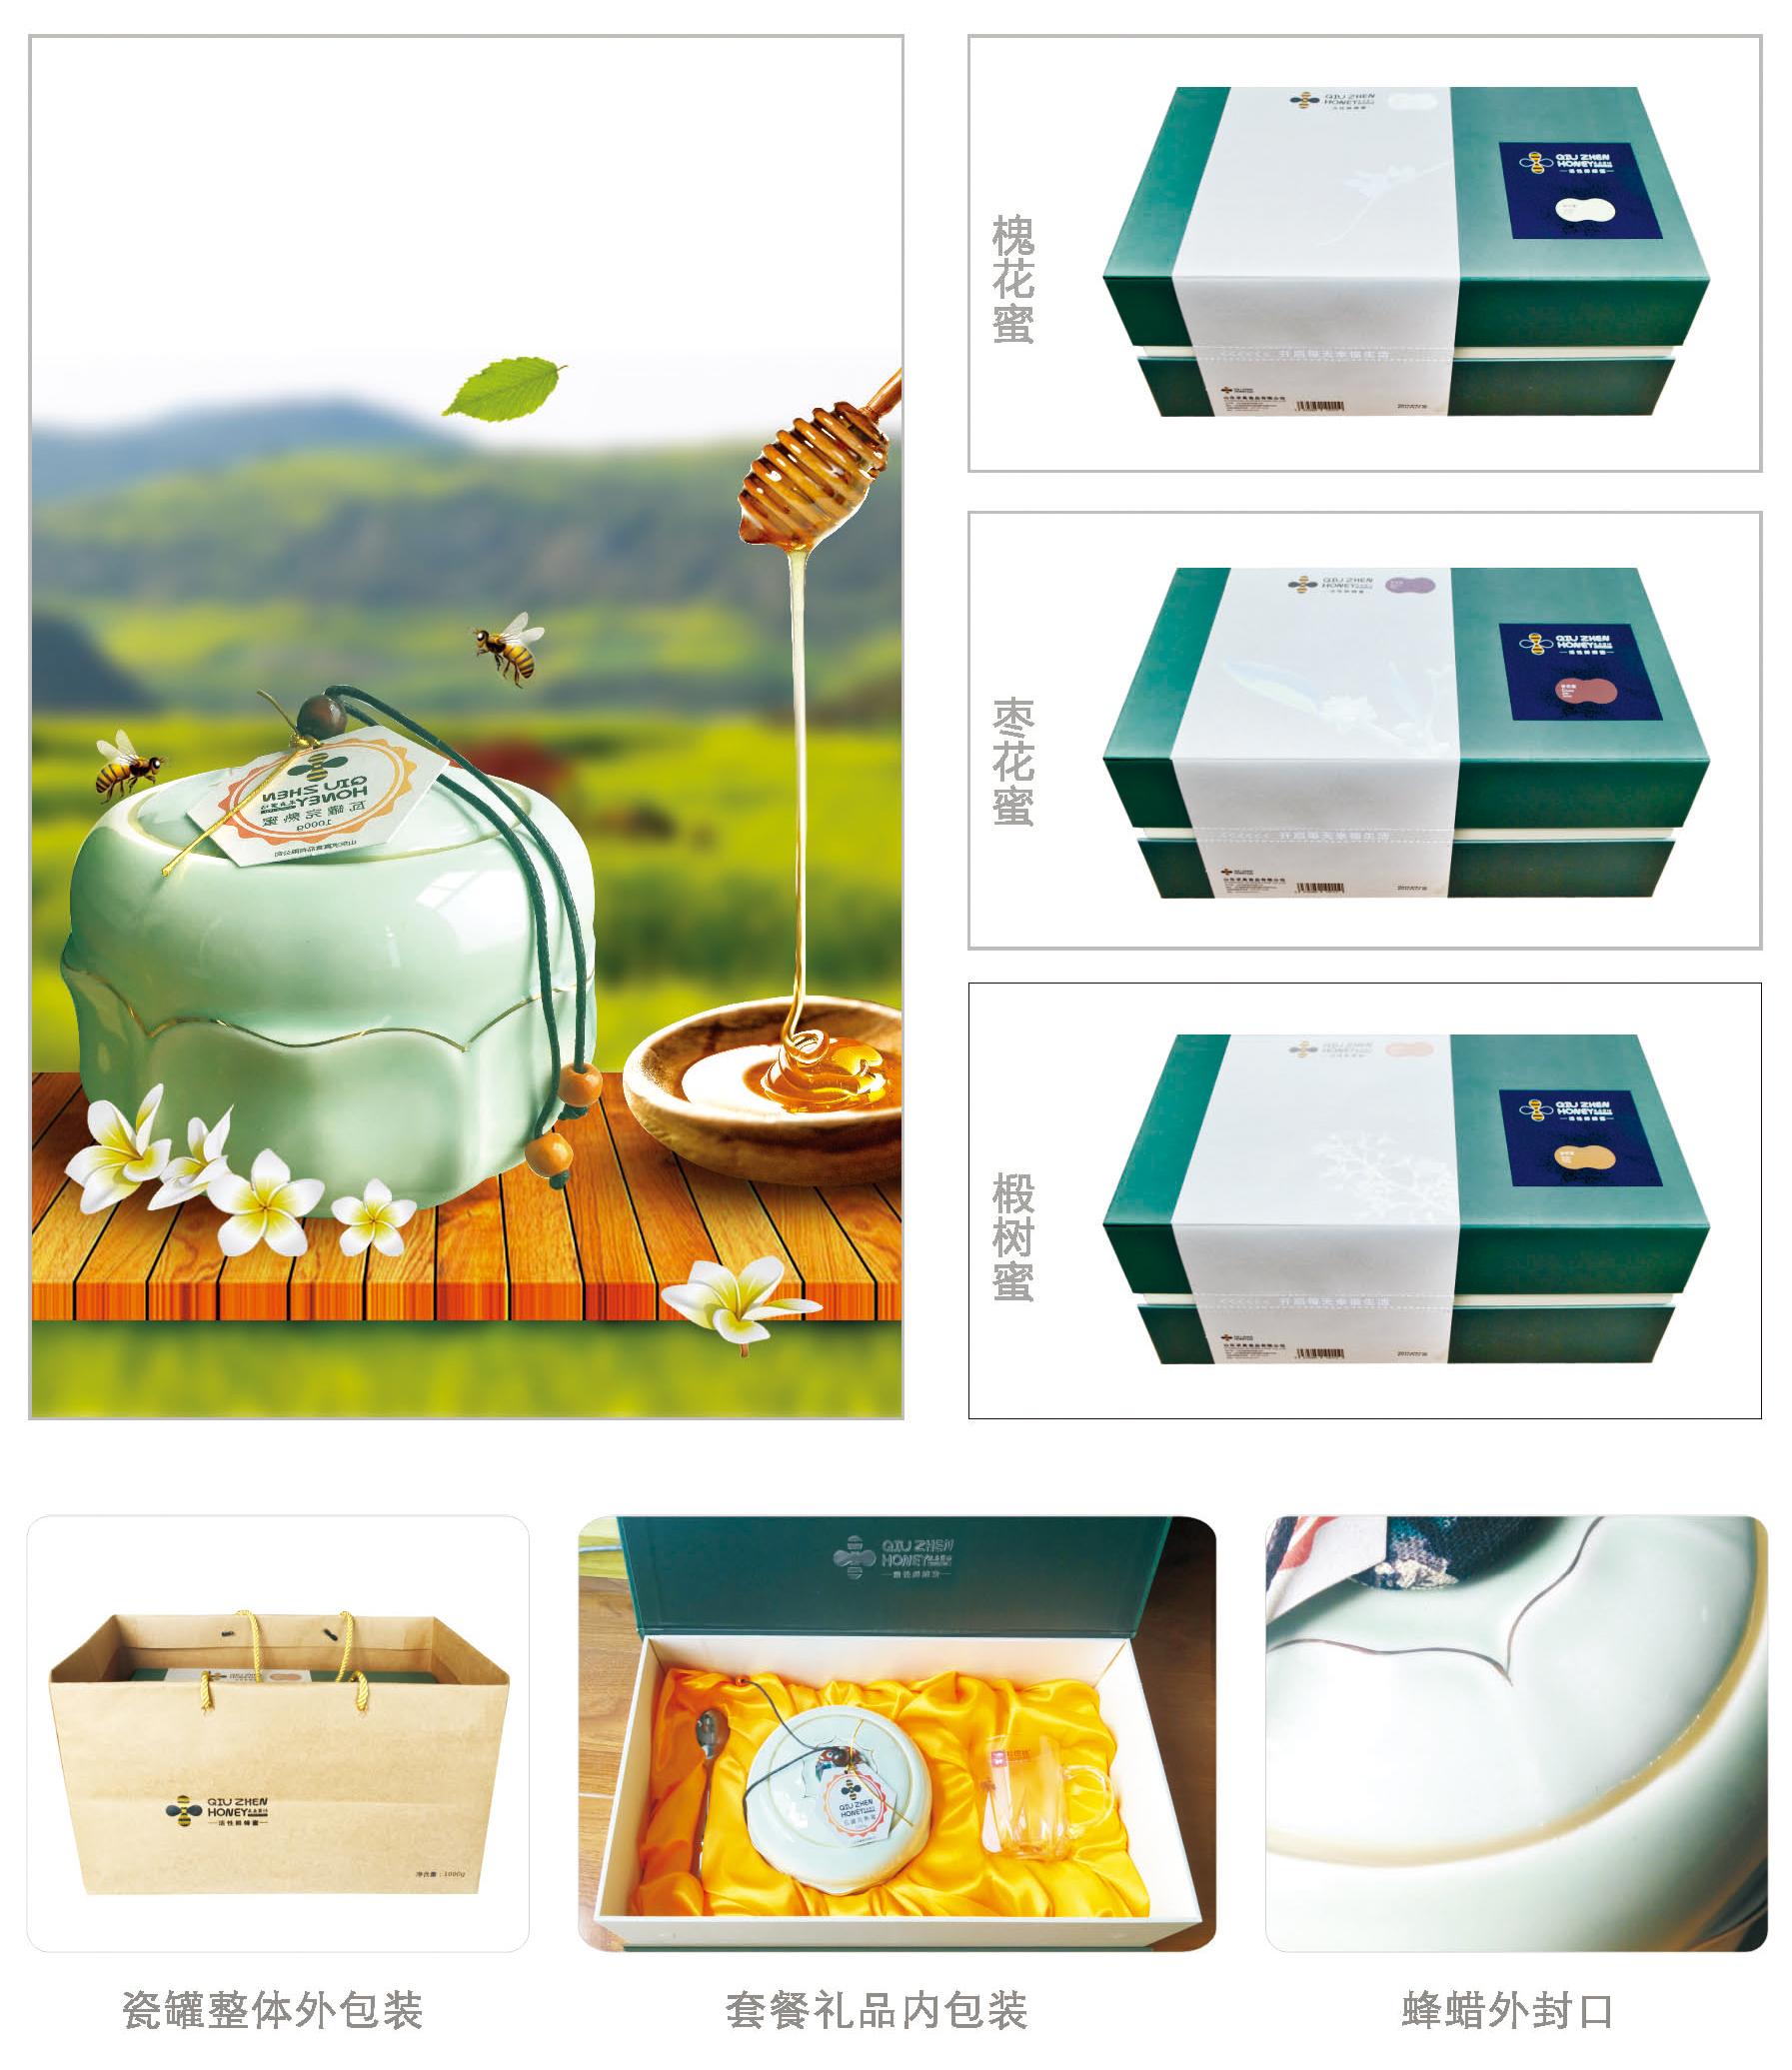 瓷罐完熟蜜椴樹蜜